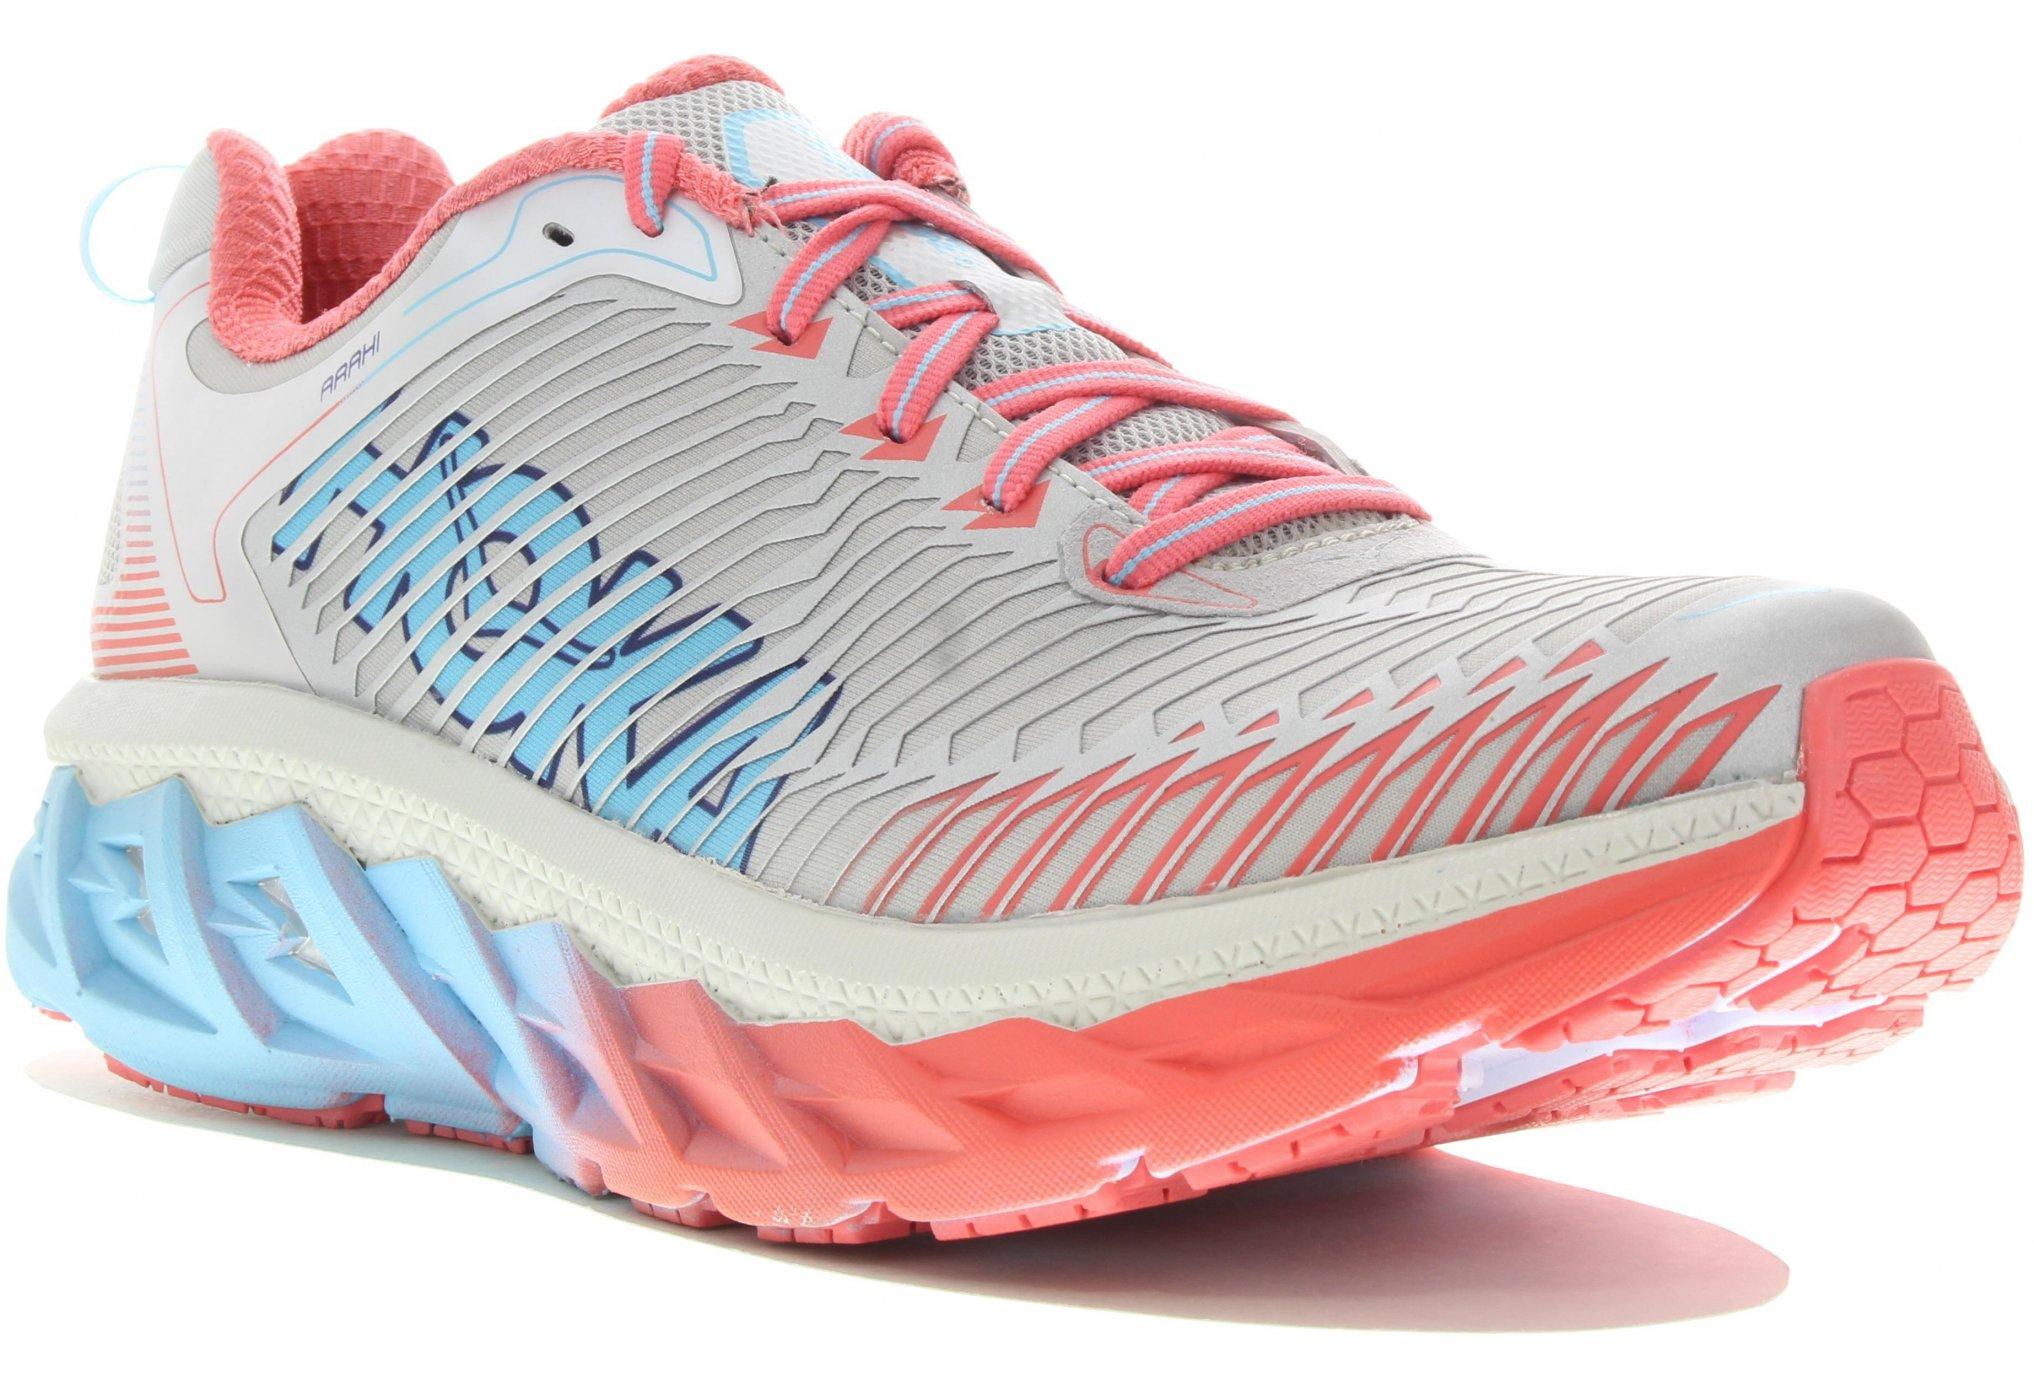 Hoka One one arahi w chaussures running femme